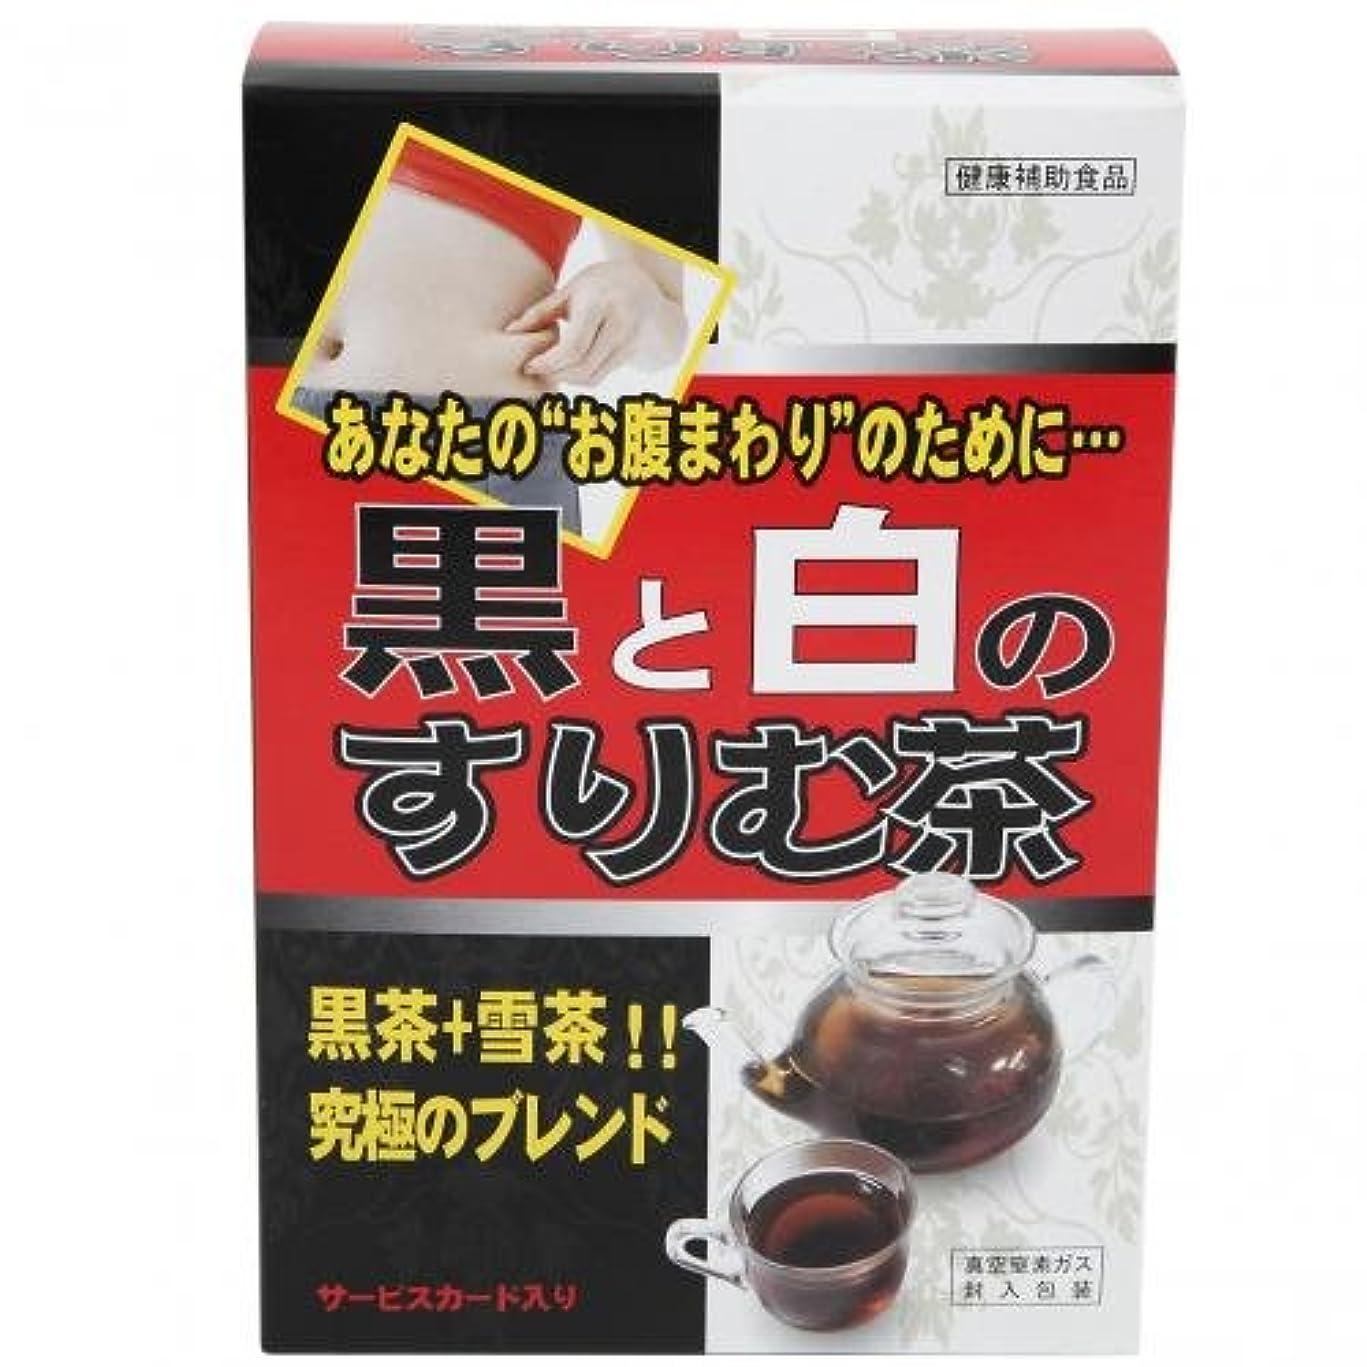 乱れ振る舞い健康的共栄黒と白のすりむ茶 24包